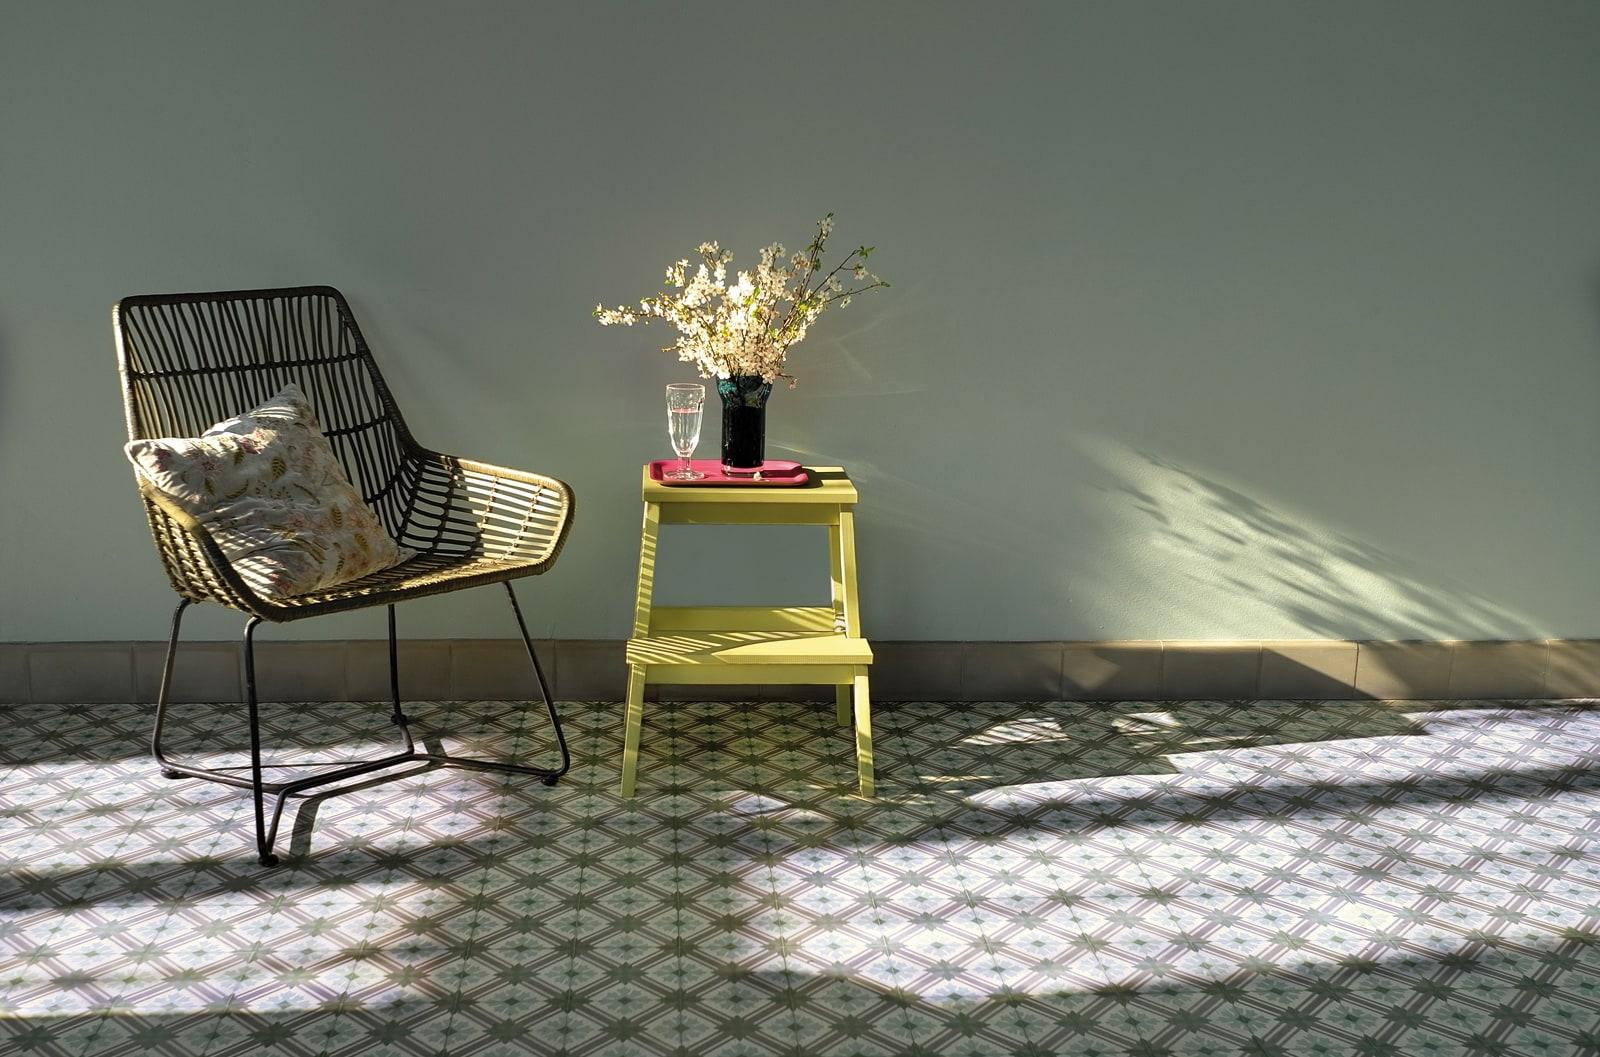 zementfliesen-terrazzofliesen-kreidefarbe-Nilgruen-terrazzo-fugenlos-detail-viaplatten | Kreidefarbe Nilgrün 60 ml